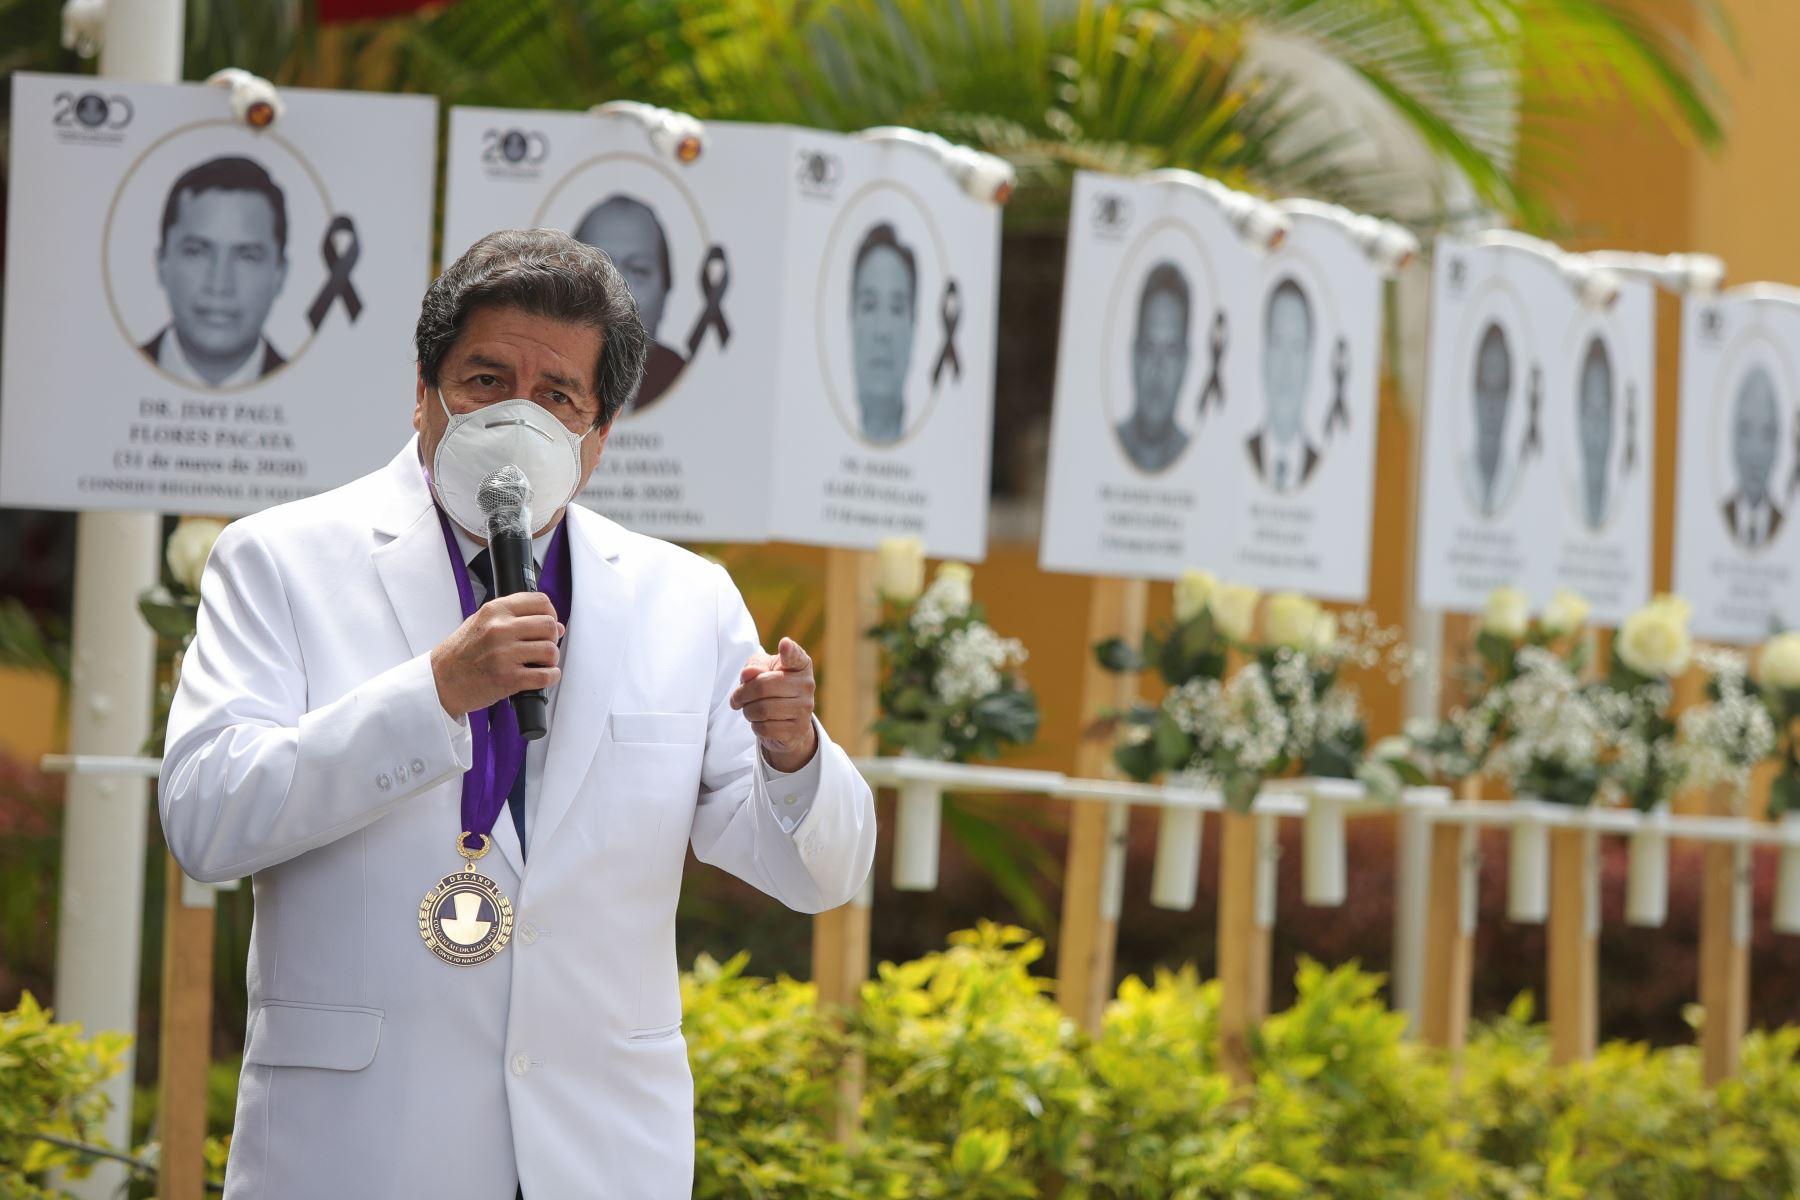 Miguel Palacios Celi, decano del Colegio Medico del Perú. Foto: ANDINA/ Prensa Presidencia